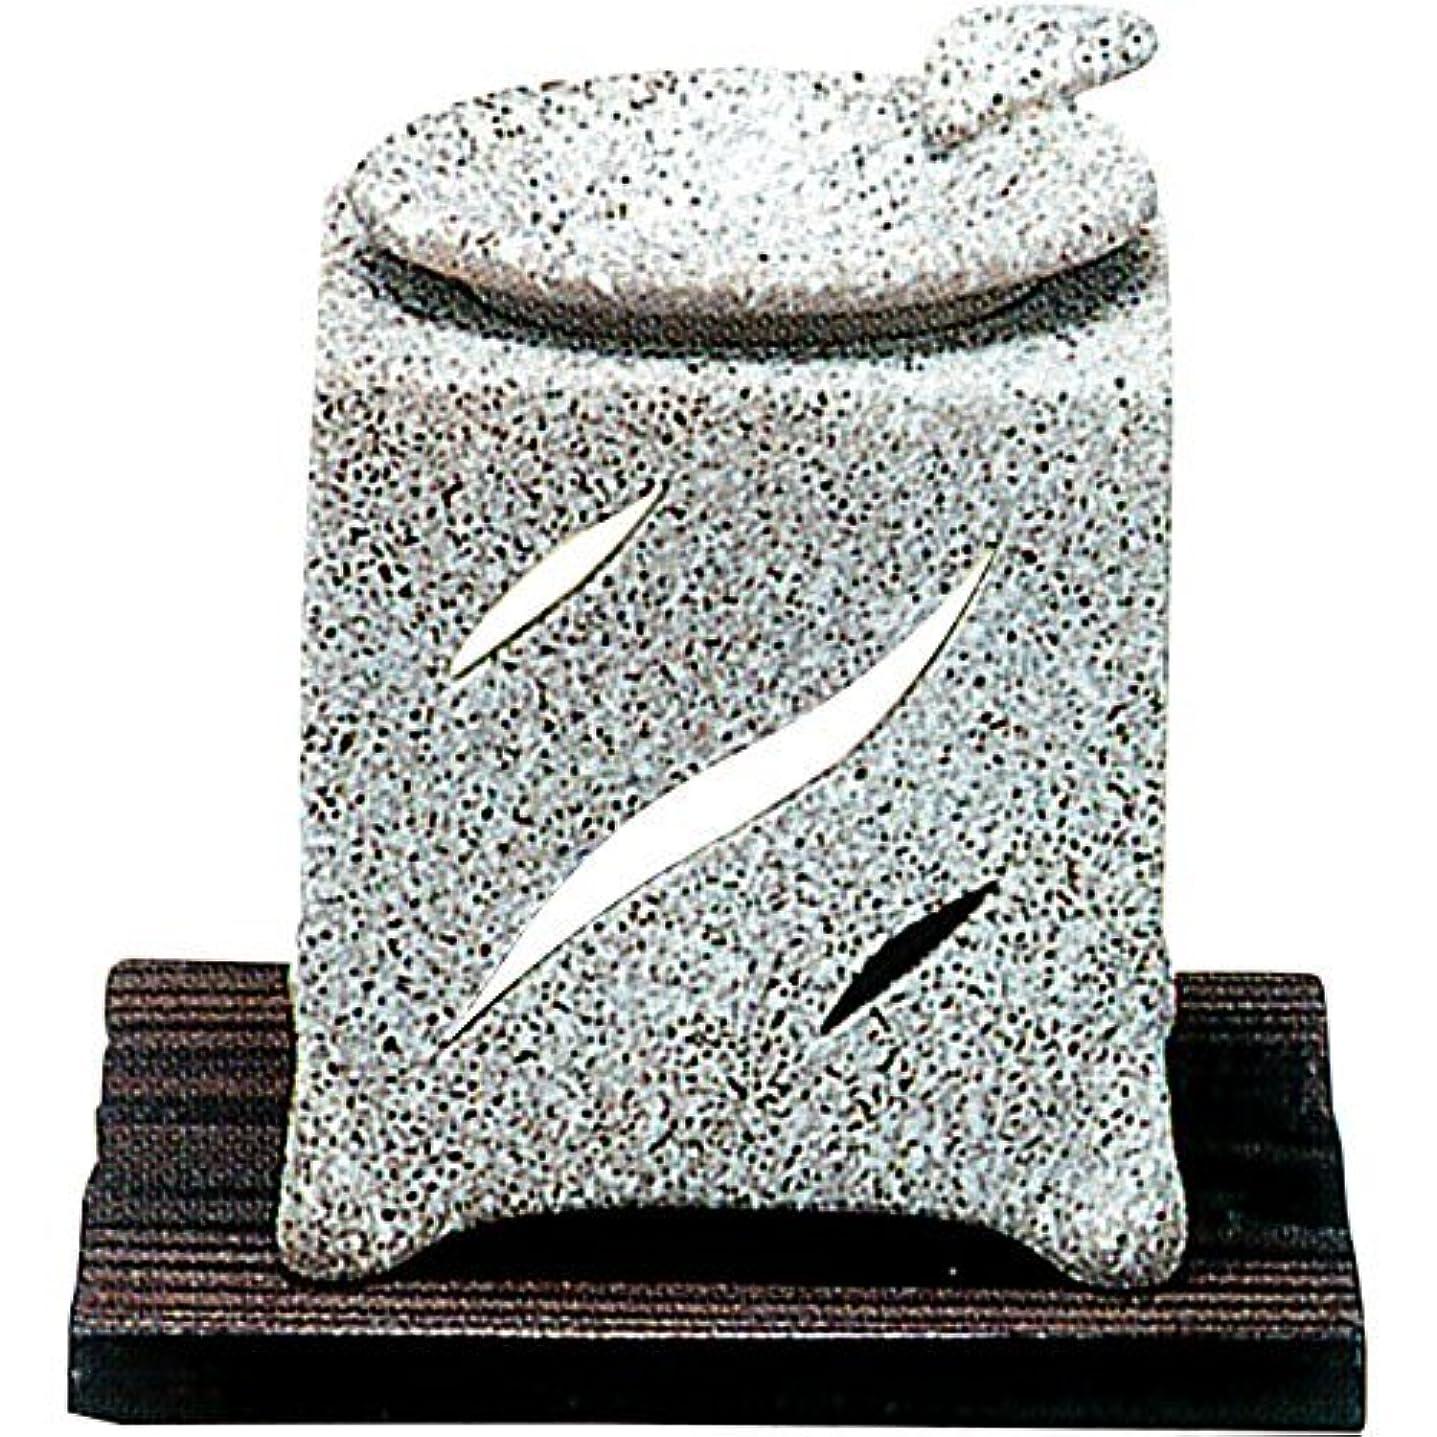 ベアリングサークルストレージ本を読む【常滑焼】山房 石風角形茶香炉 石風角形 10×10×H12㎝ 5-261